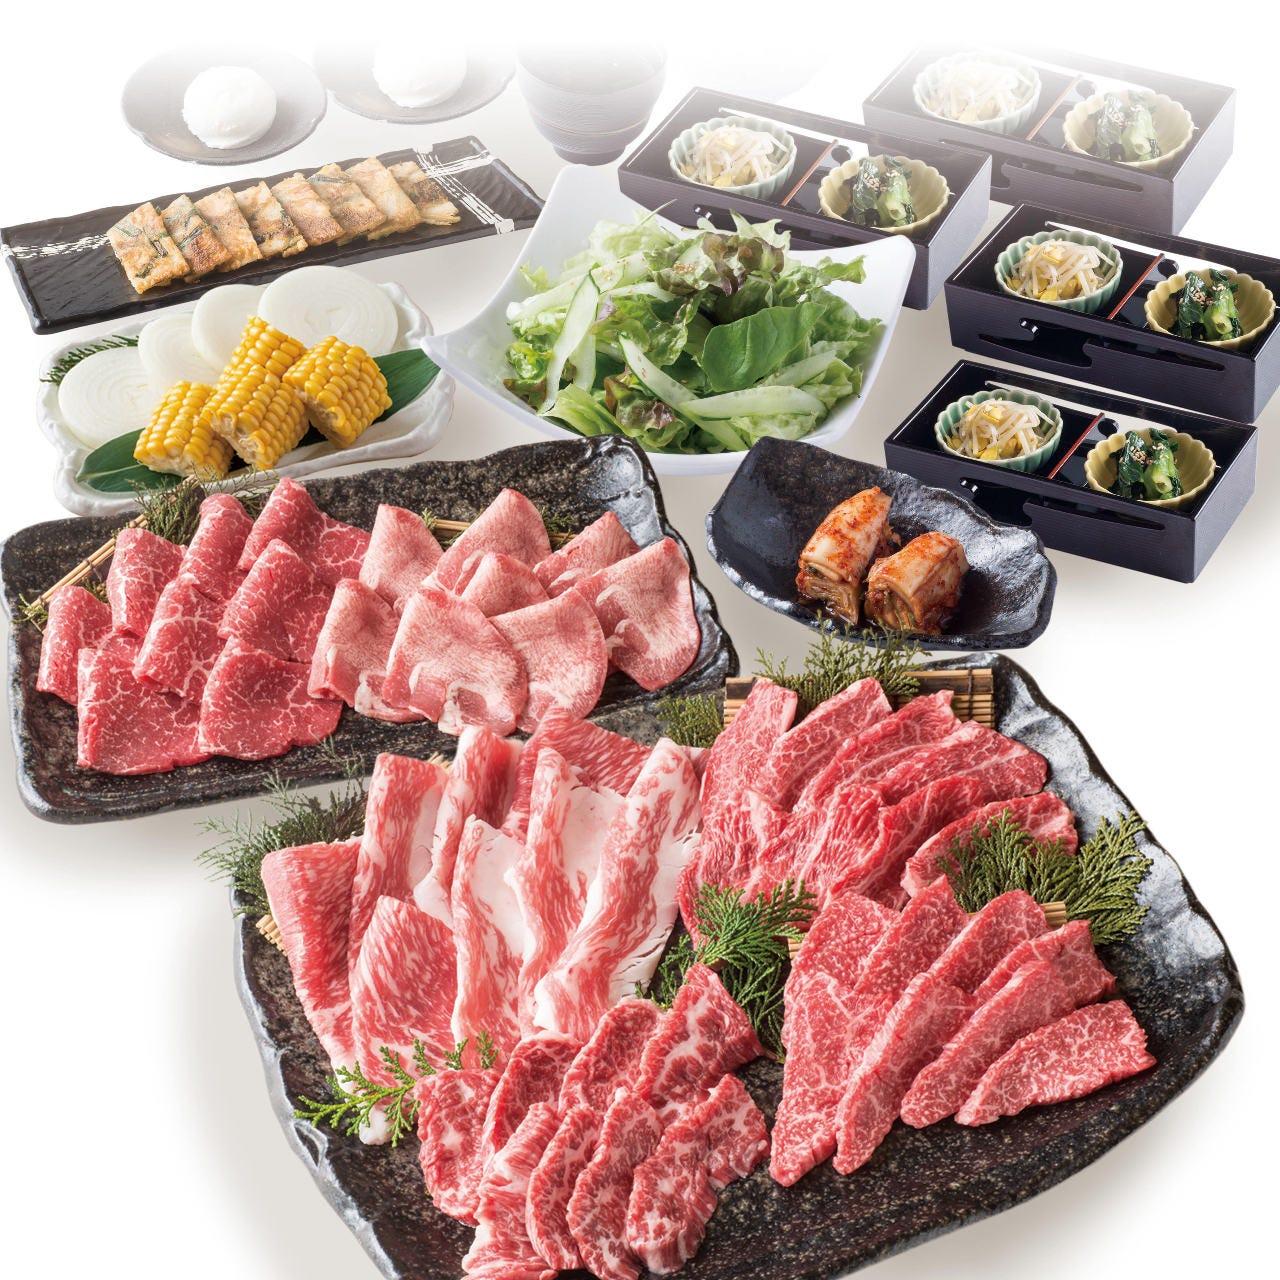 【和-yawaragi-コース】自慢の産直自社ブランド牛を堪能できるおすすめNo1! +1,500円で飲み放題